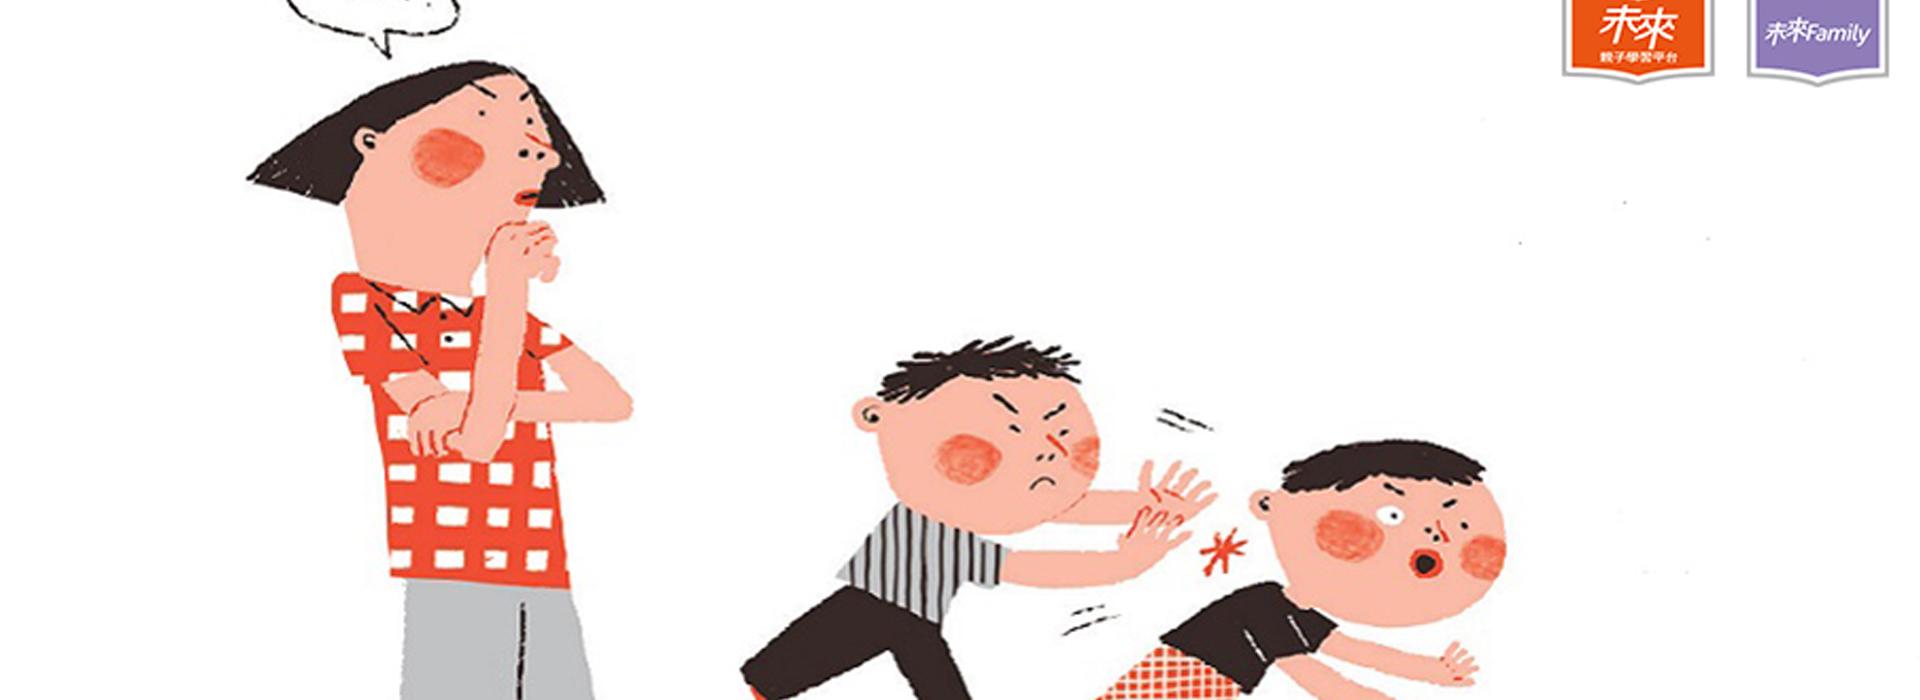 方法篇:找出目的〉辨識孩子4種不當行為的目的